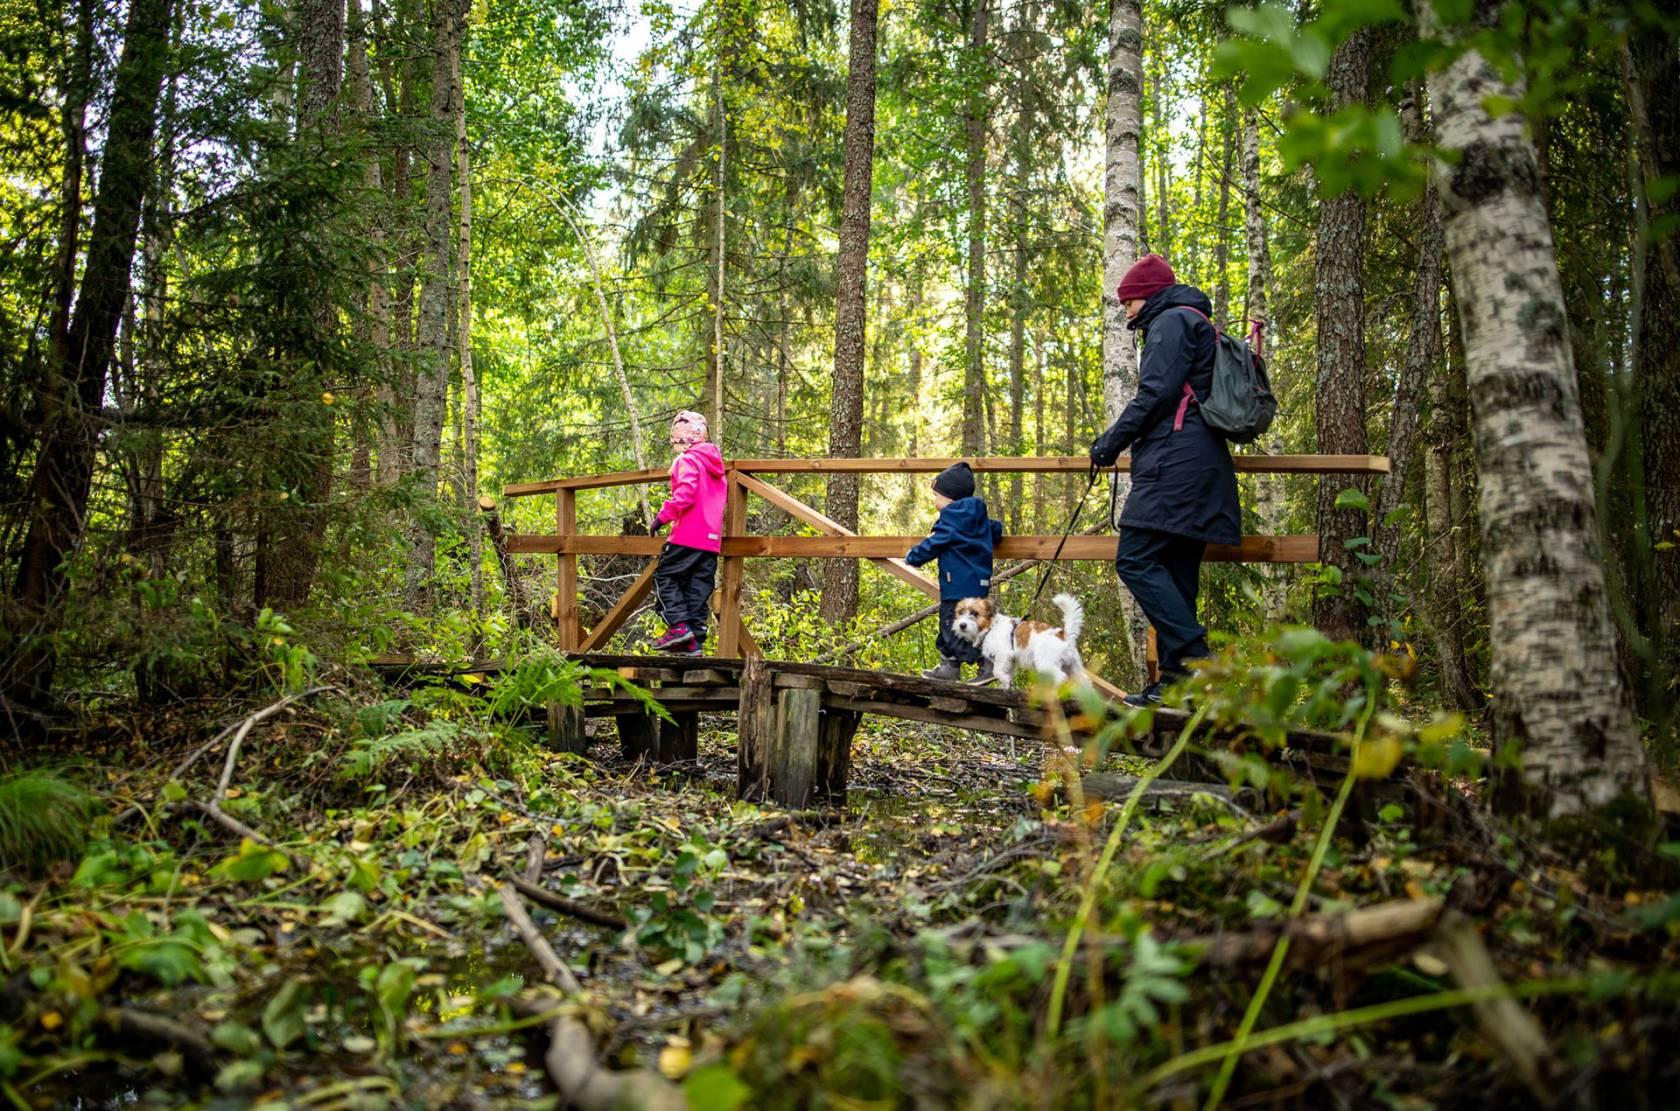 Perhe kävelee koiran kanssa pienellä sillalla vehreässä metsässä.